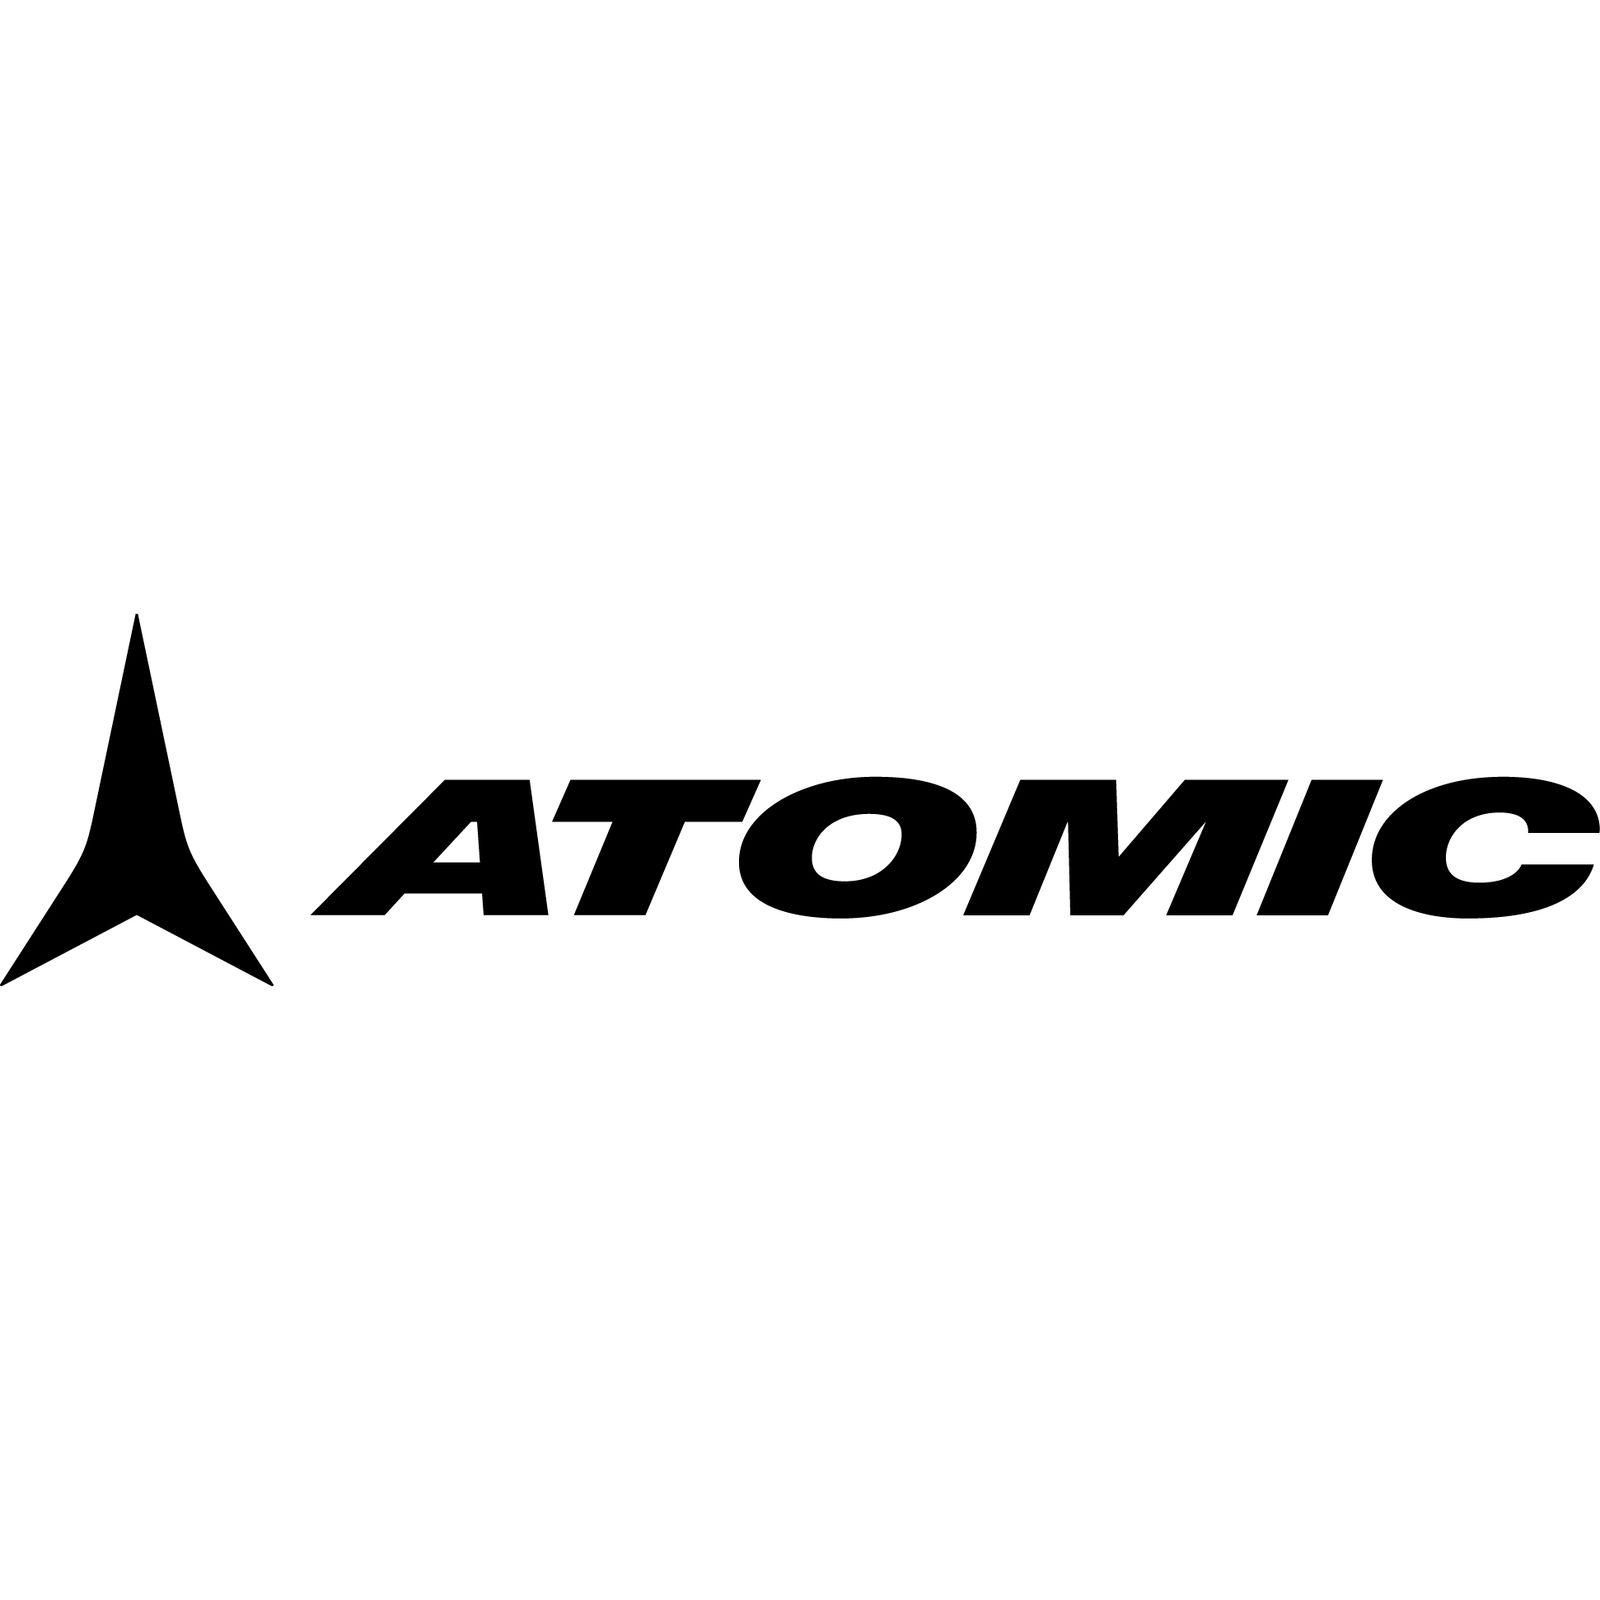 ATOMIC (Image 1)